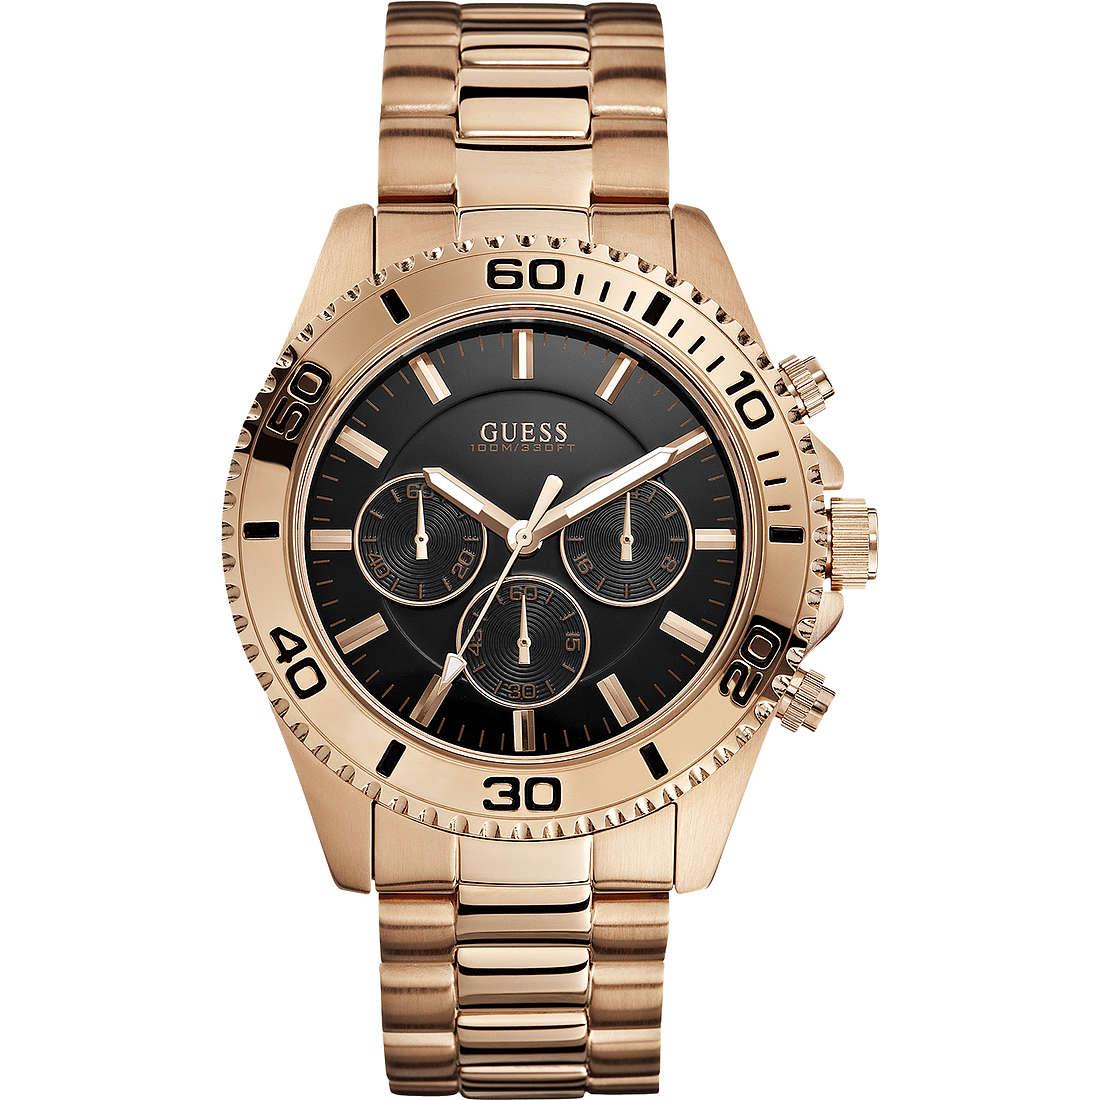 orologio cronografo donna Guess Settembre 2013 W0170G3